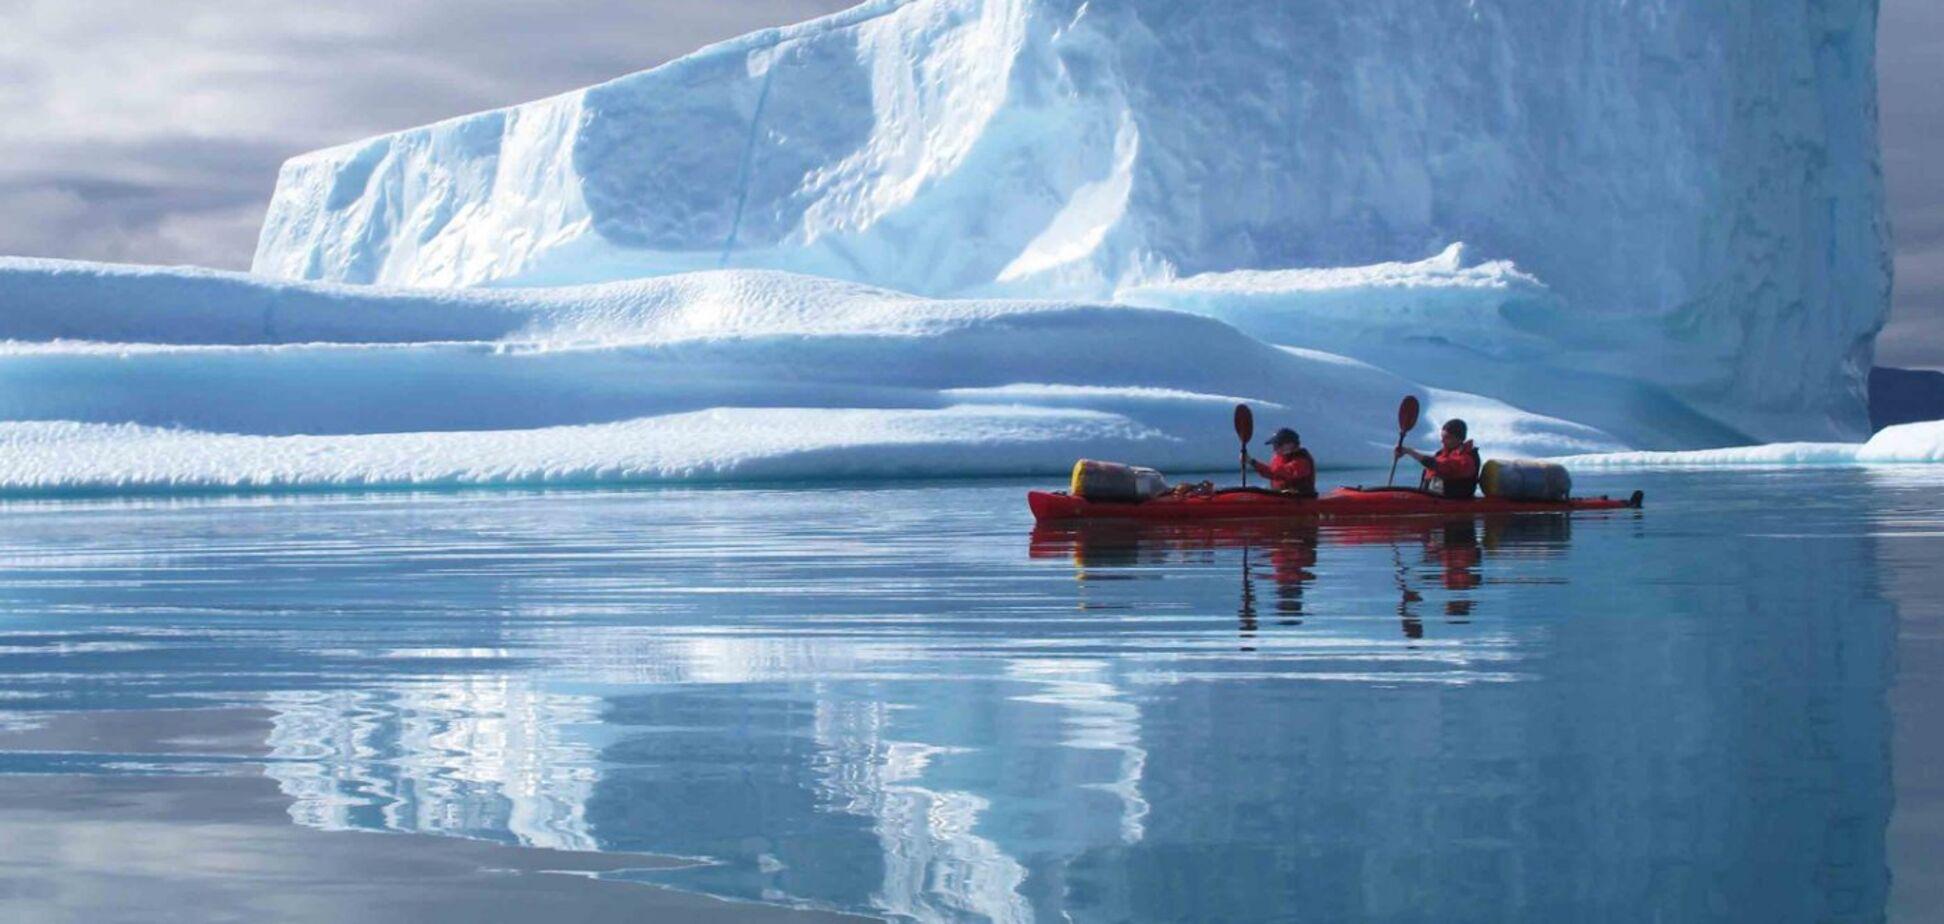 Вчені зафіксували стрімке зникнення льодовиків Гренландії і Антарктики